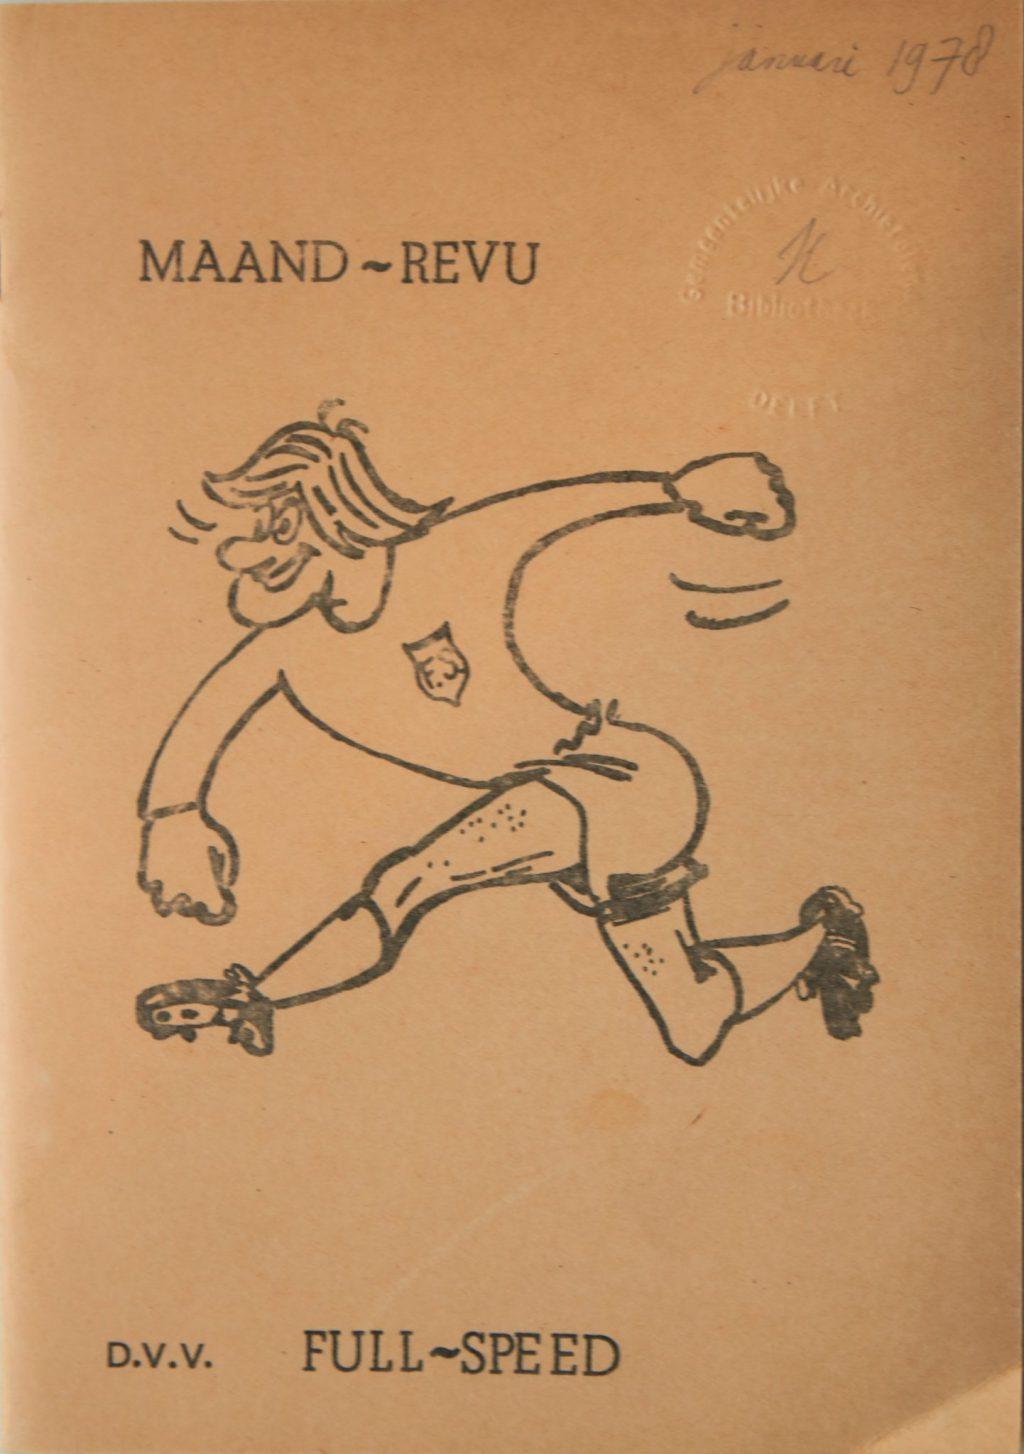 Een nieuwe stencilmachine redt in 1978 de Maand-Revue van de Delftse Voetbal Vereniging Full Speed.